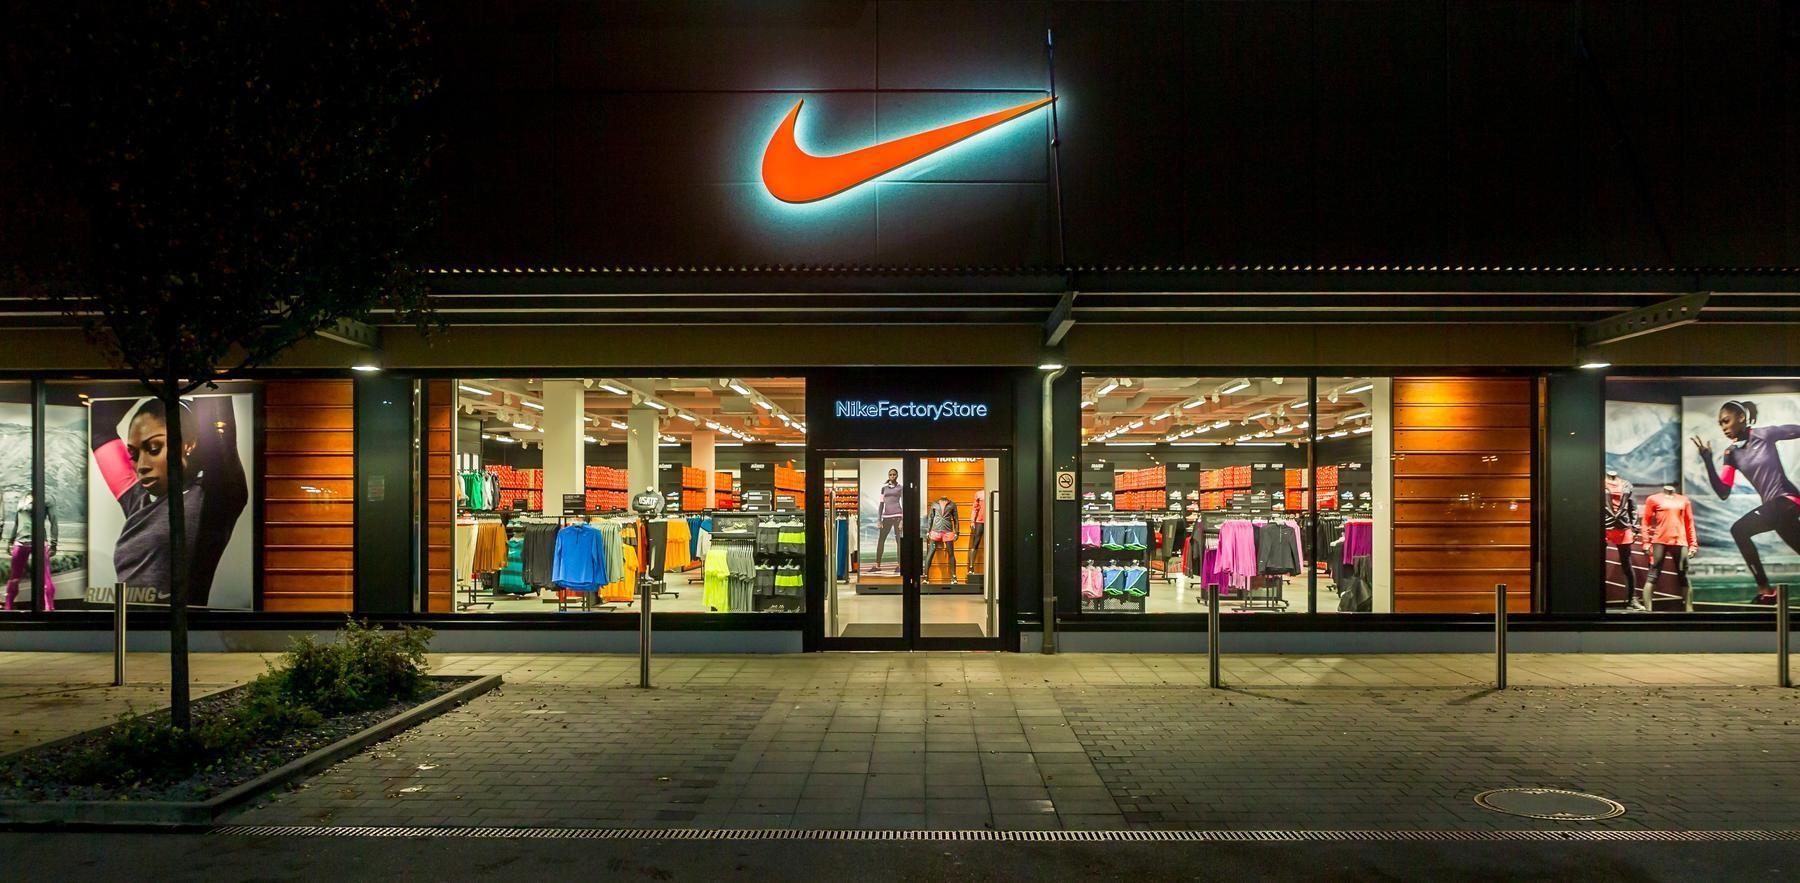 Cửa hàng Nike chính hãng thường nằm ở các trung tâm thương mại lớn, sầm uất